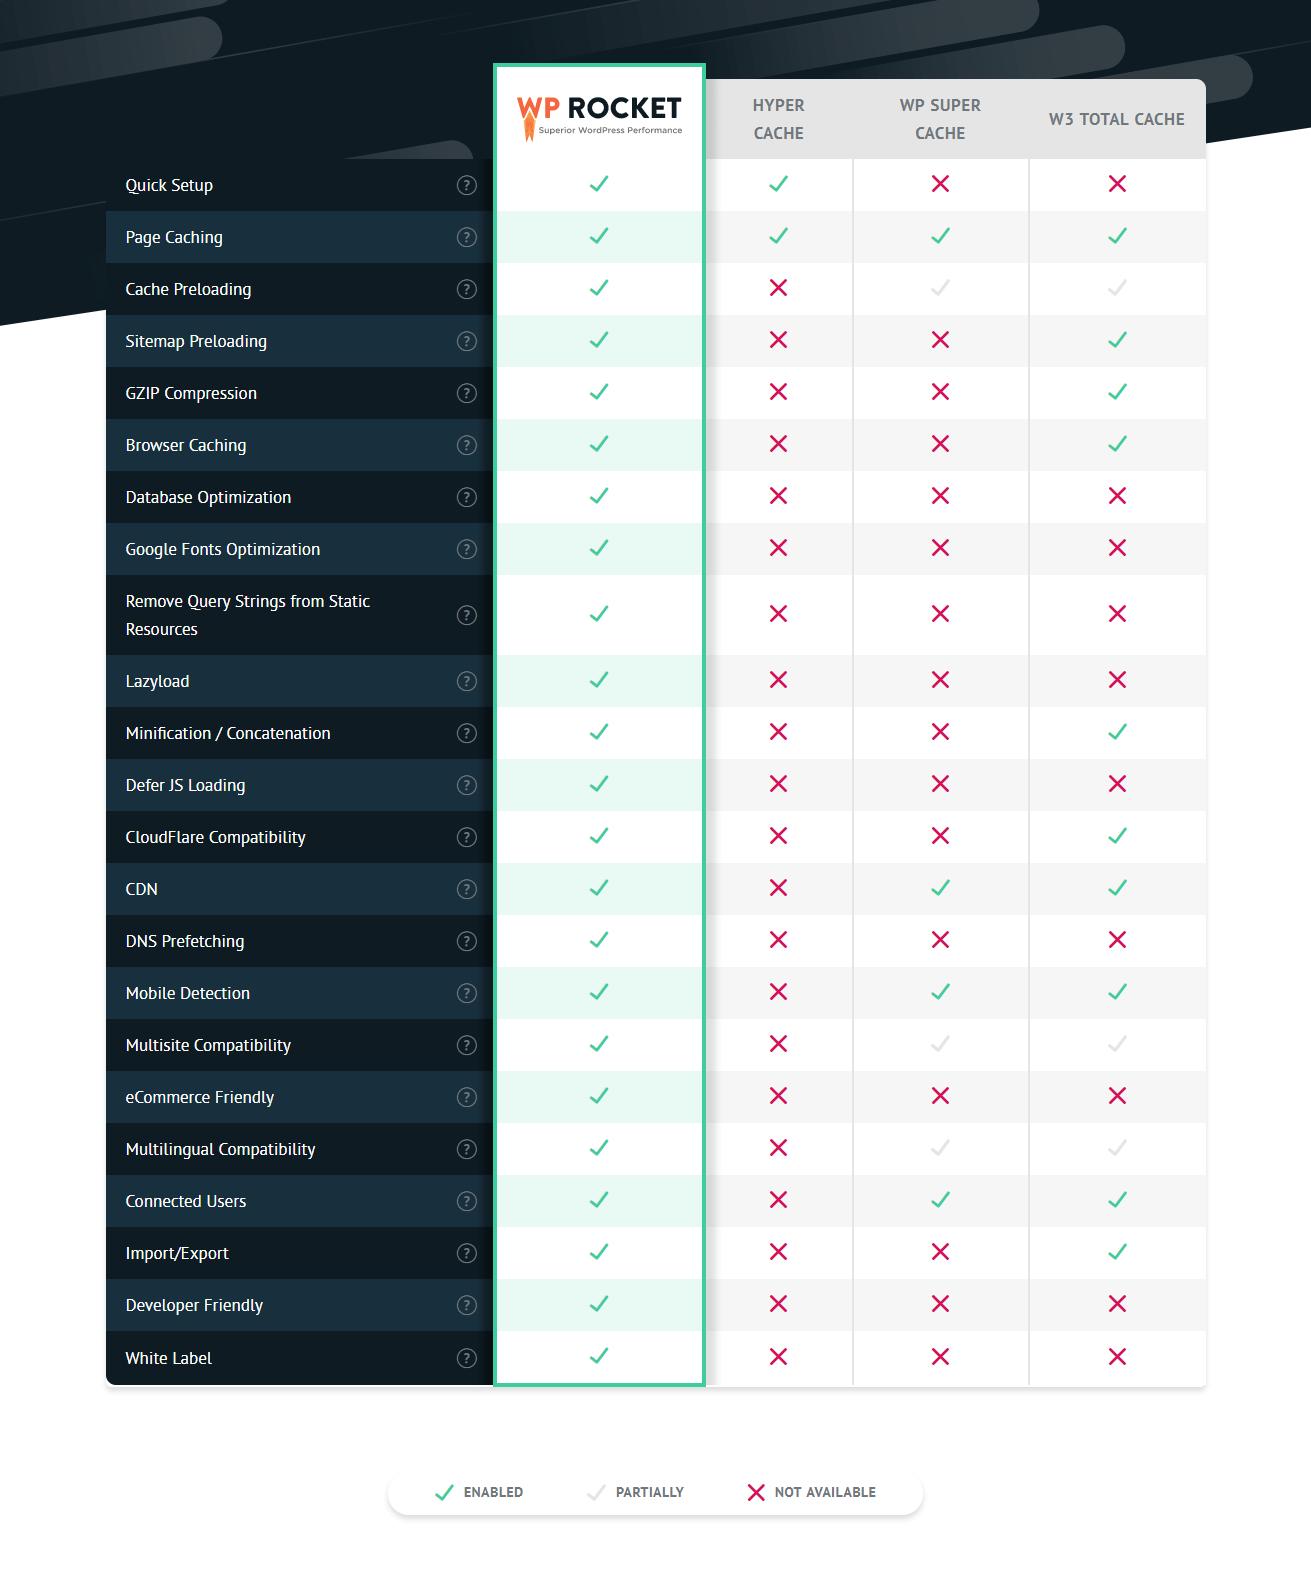 Τα χαρακτηριστικά του WP Rocket